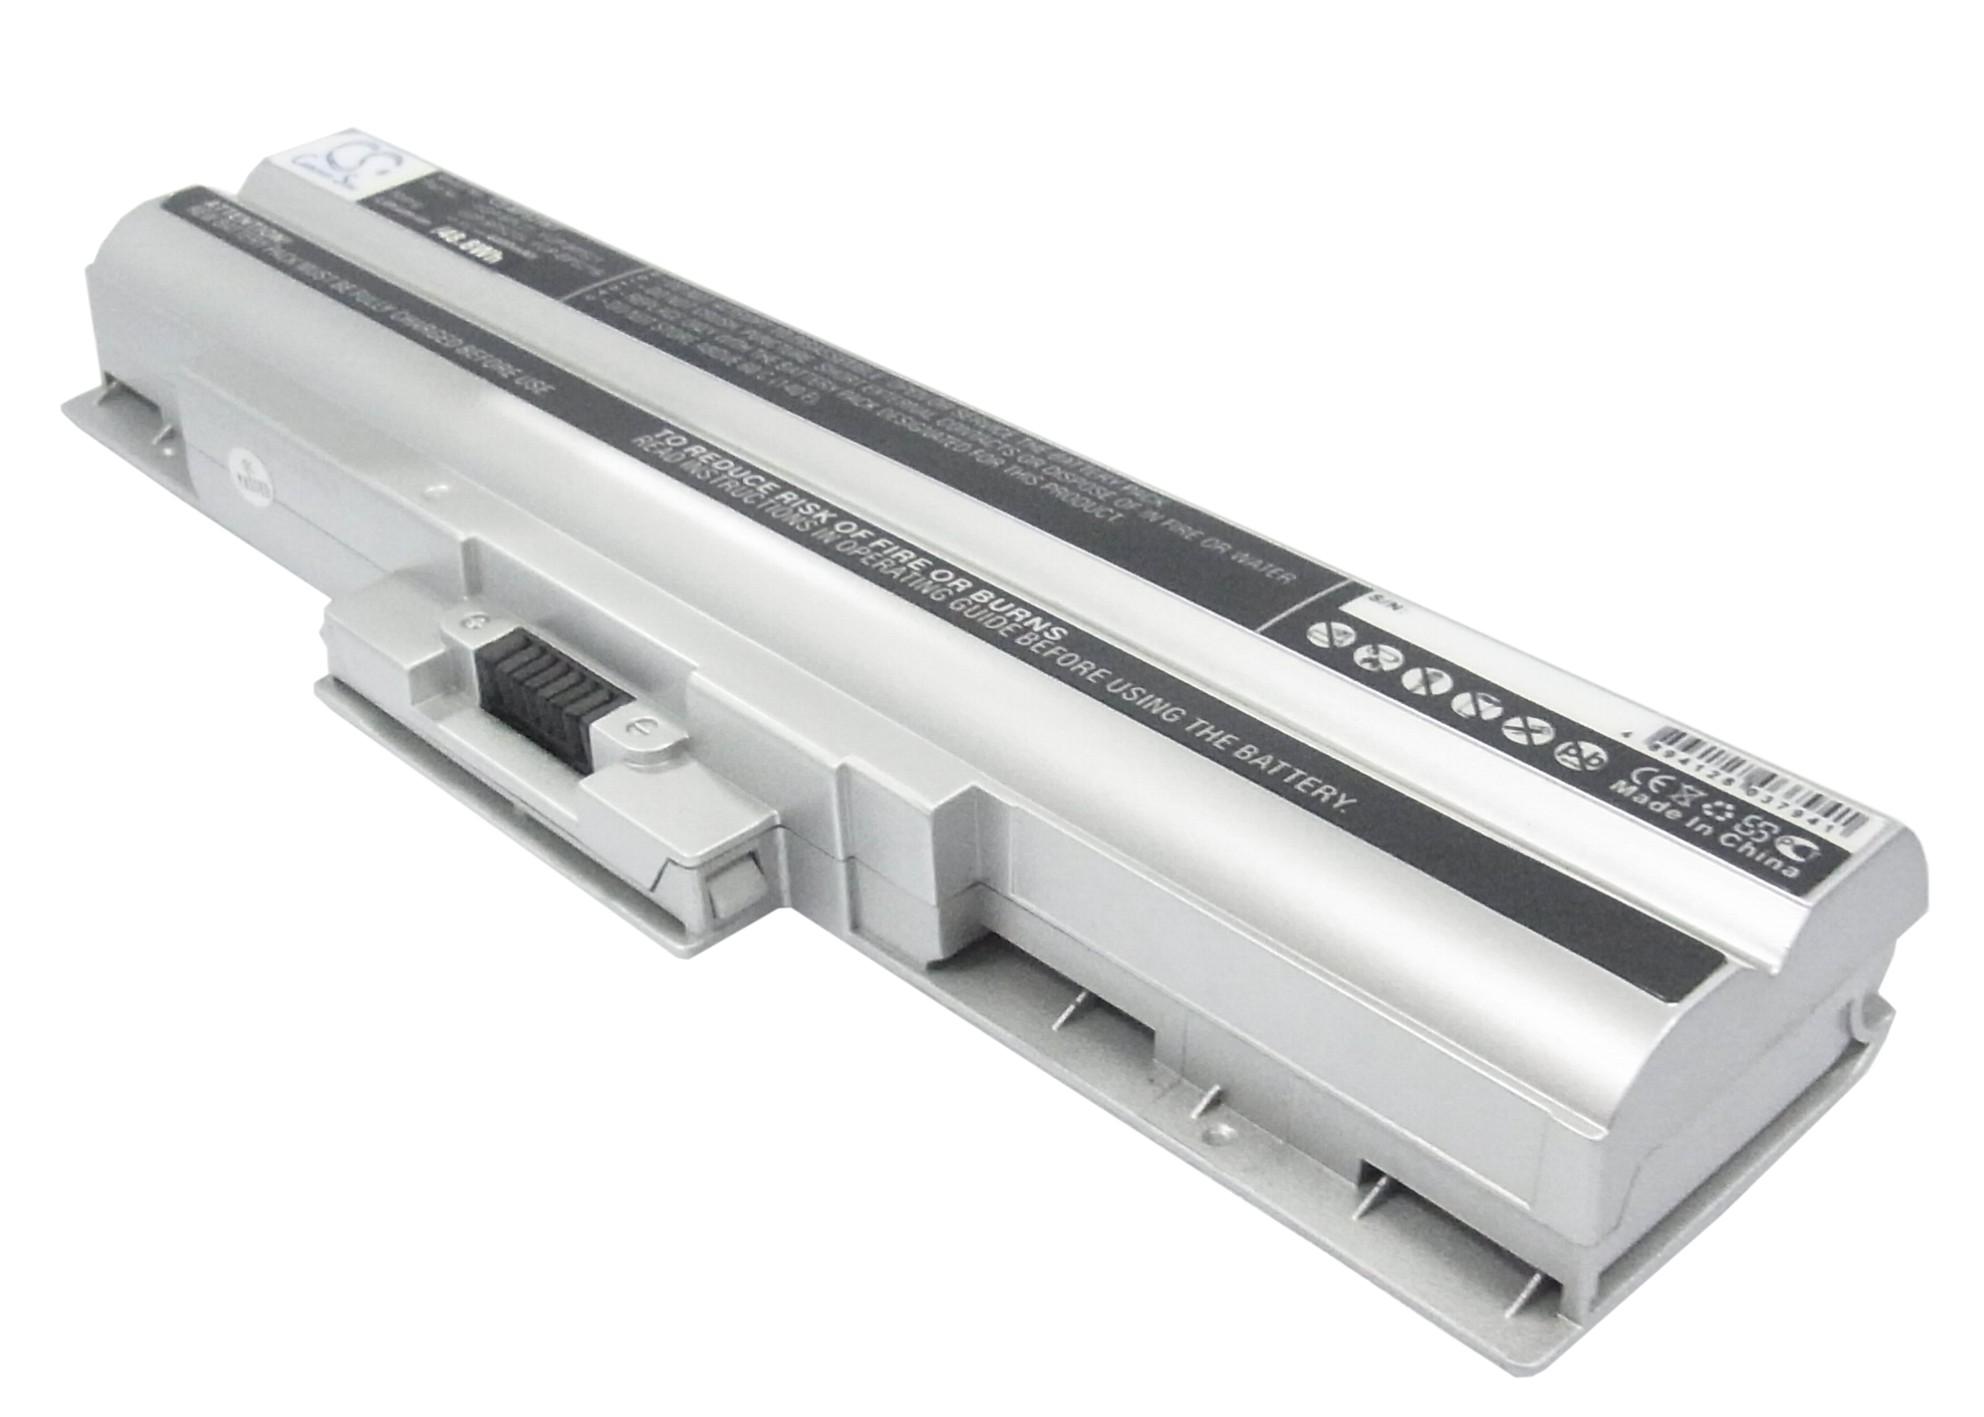 Cameron Sino baterie do notebooků pro SONY VAIO VGN-NW21MF 11.1V Li-ion 4400mAh stříbrná - neoriginální